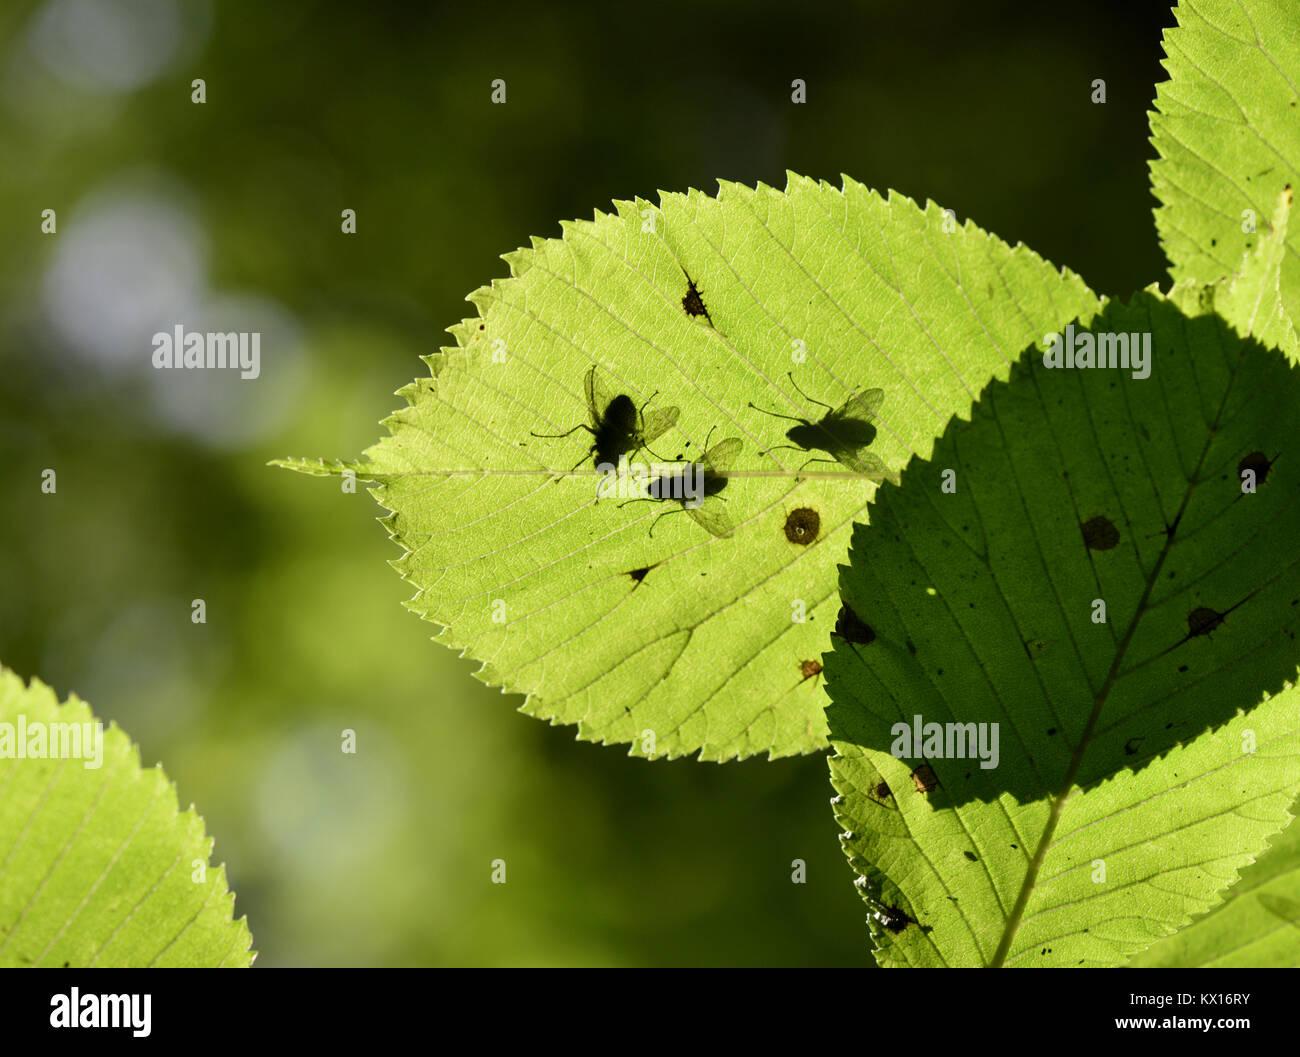 Wych Elm - Ulmus glabra - Stock Image